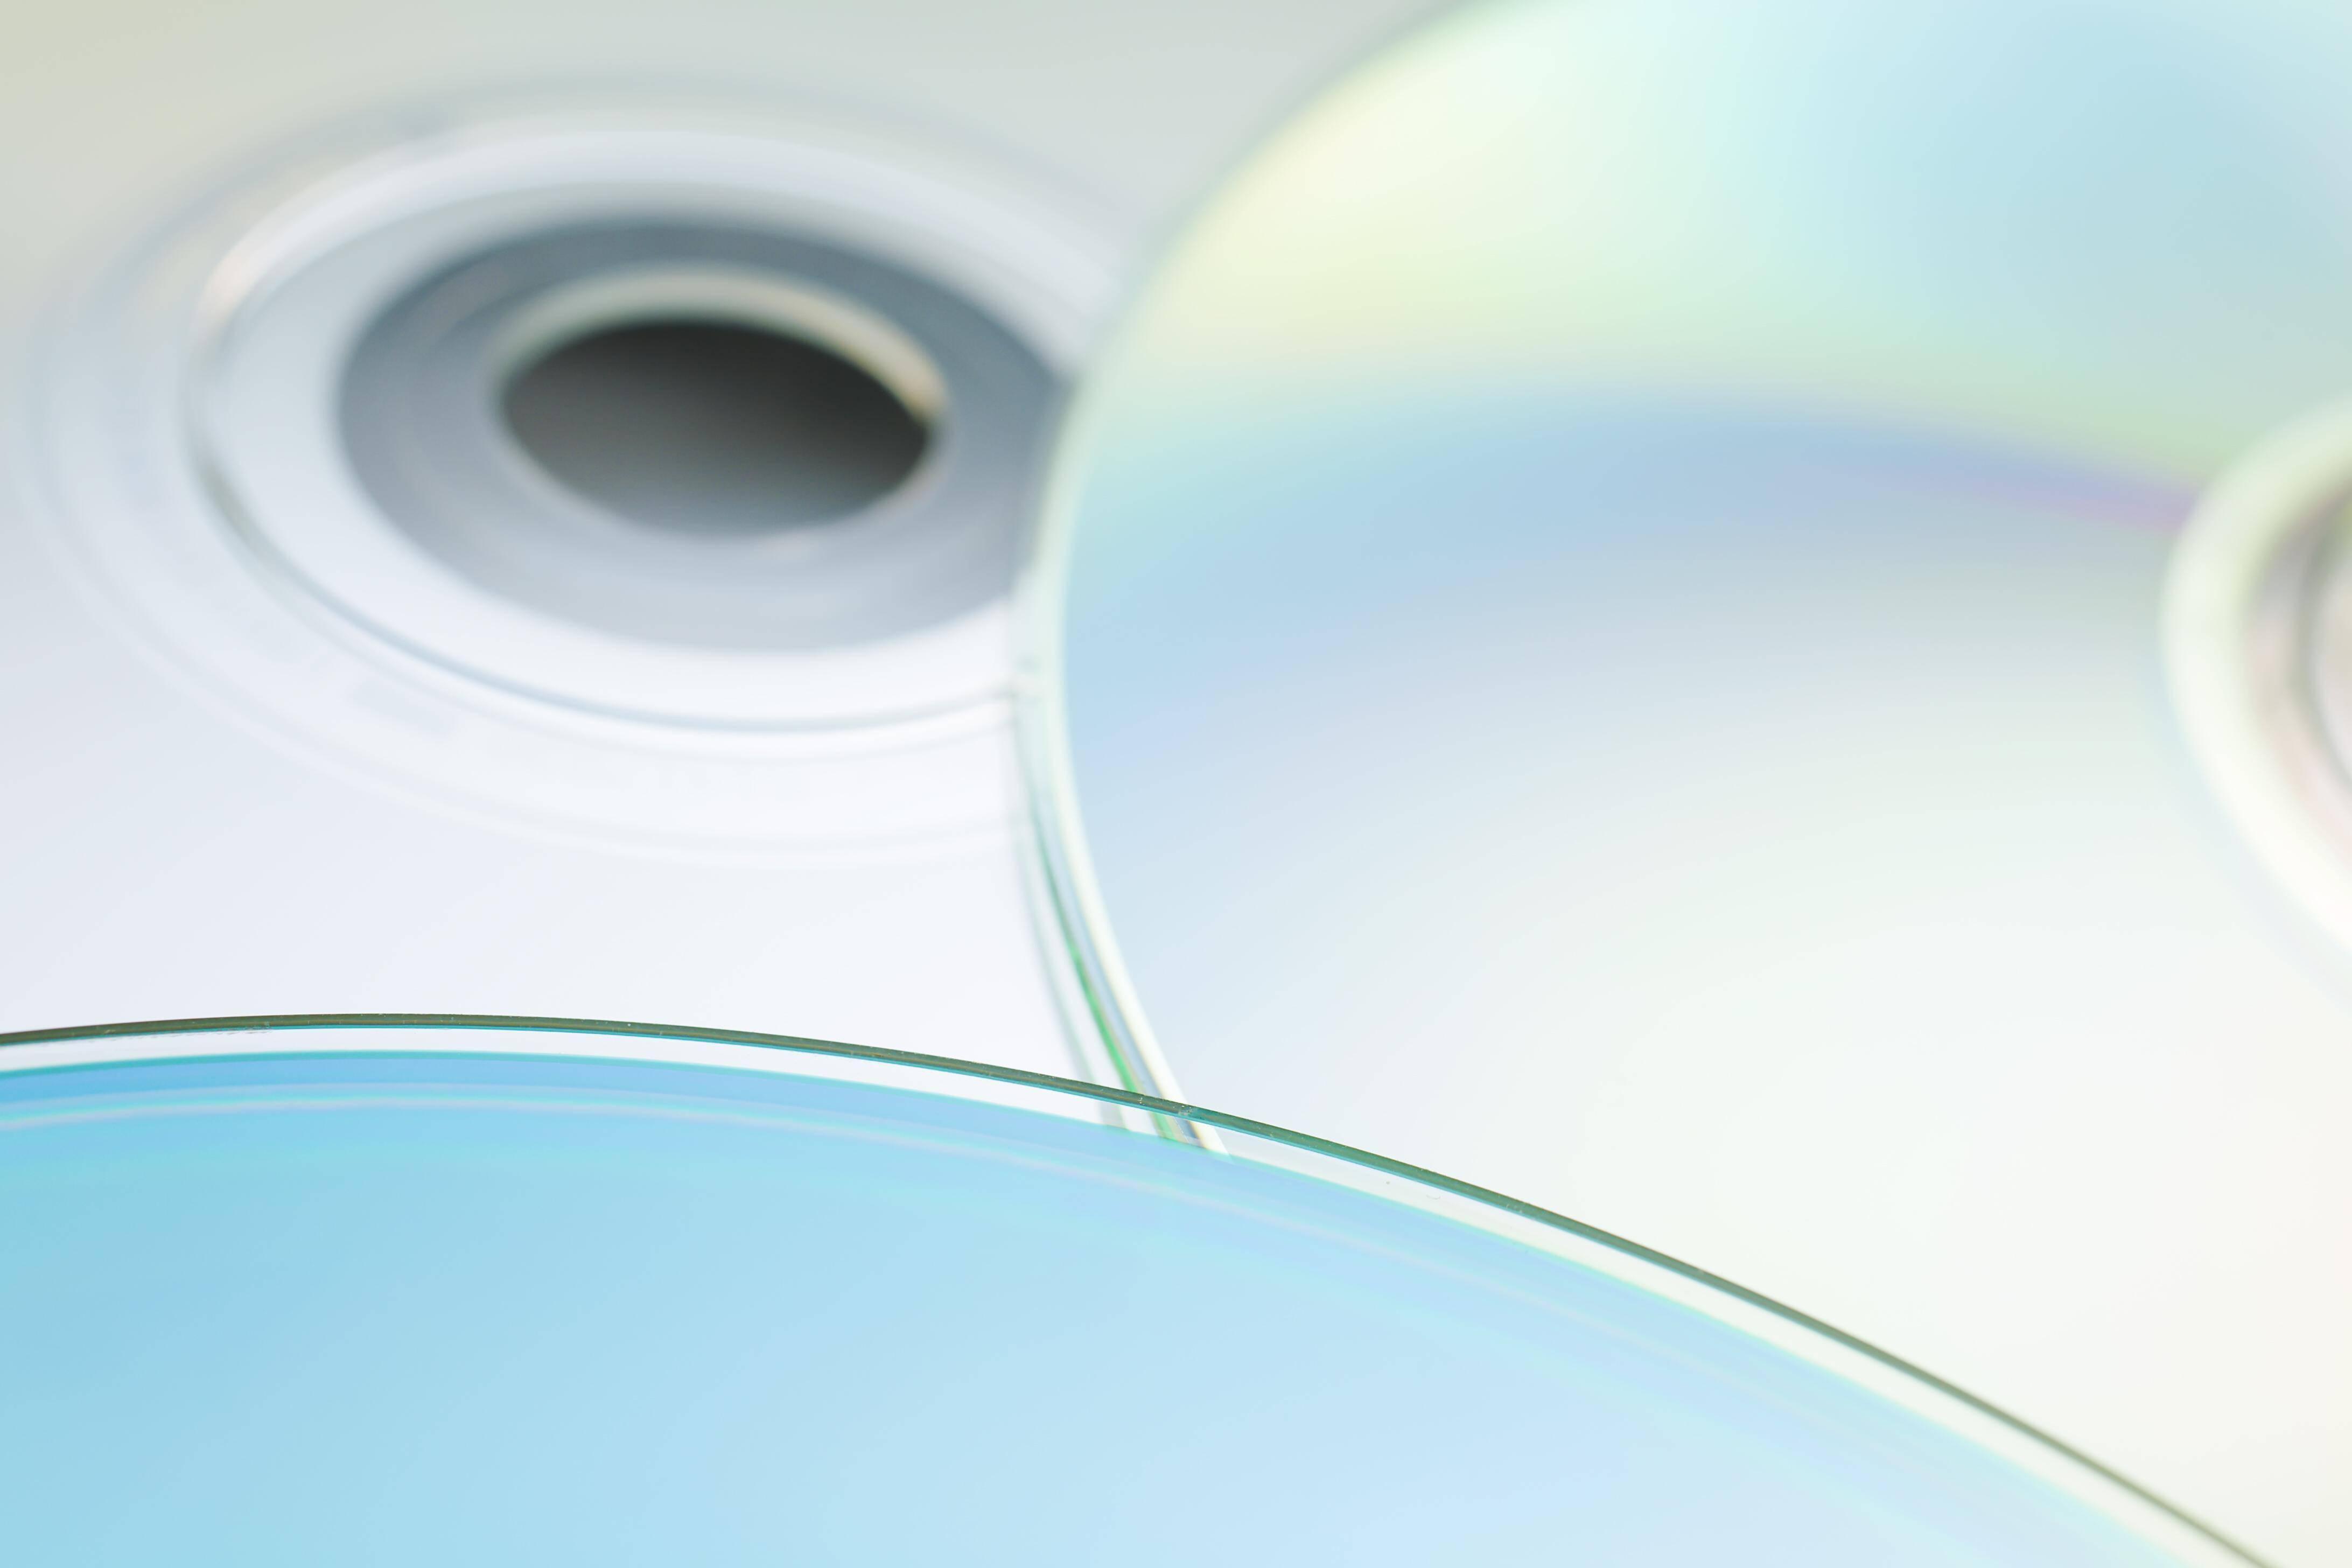 Blu-Ray kopieren - mit dieser Freeware klappt's